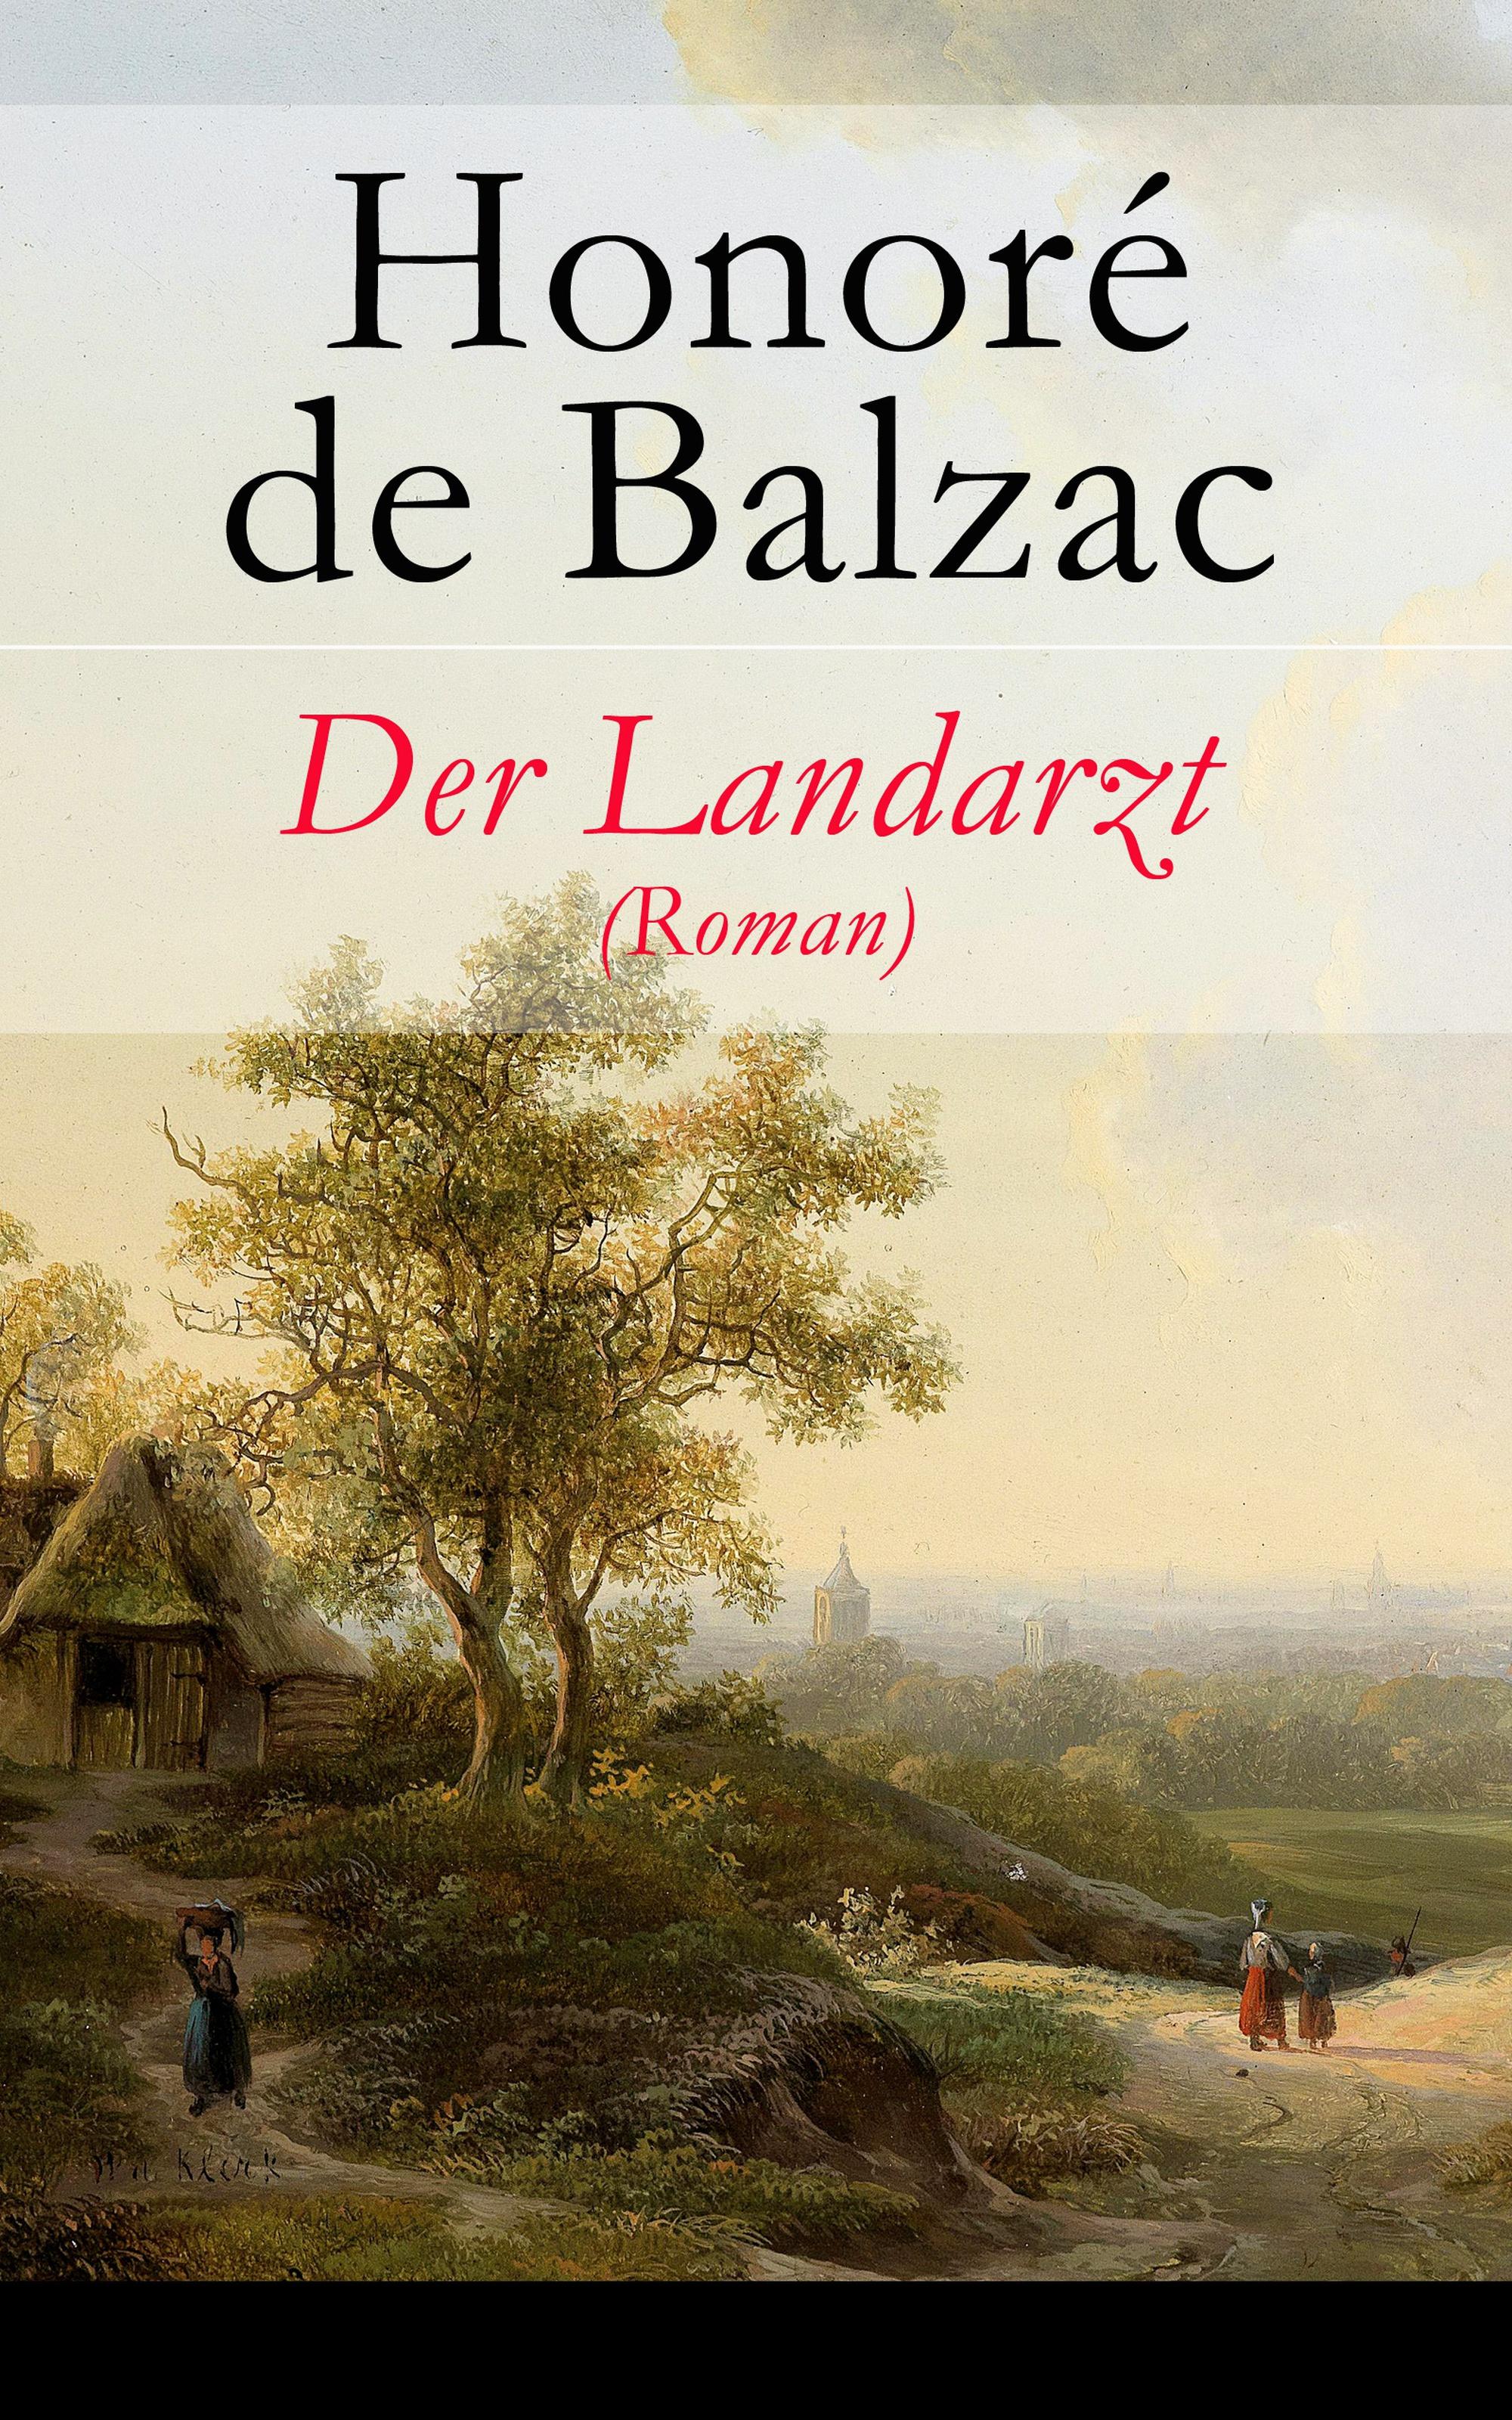 der landarzt roman